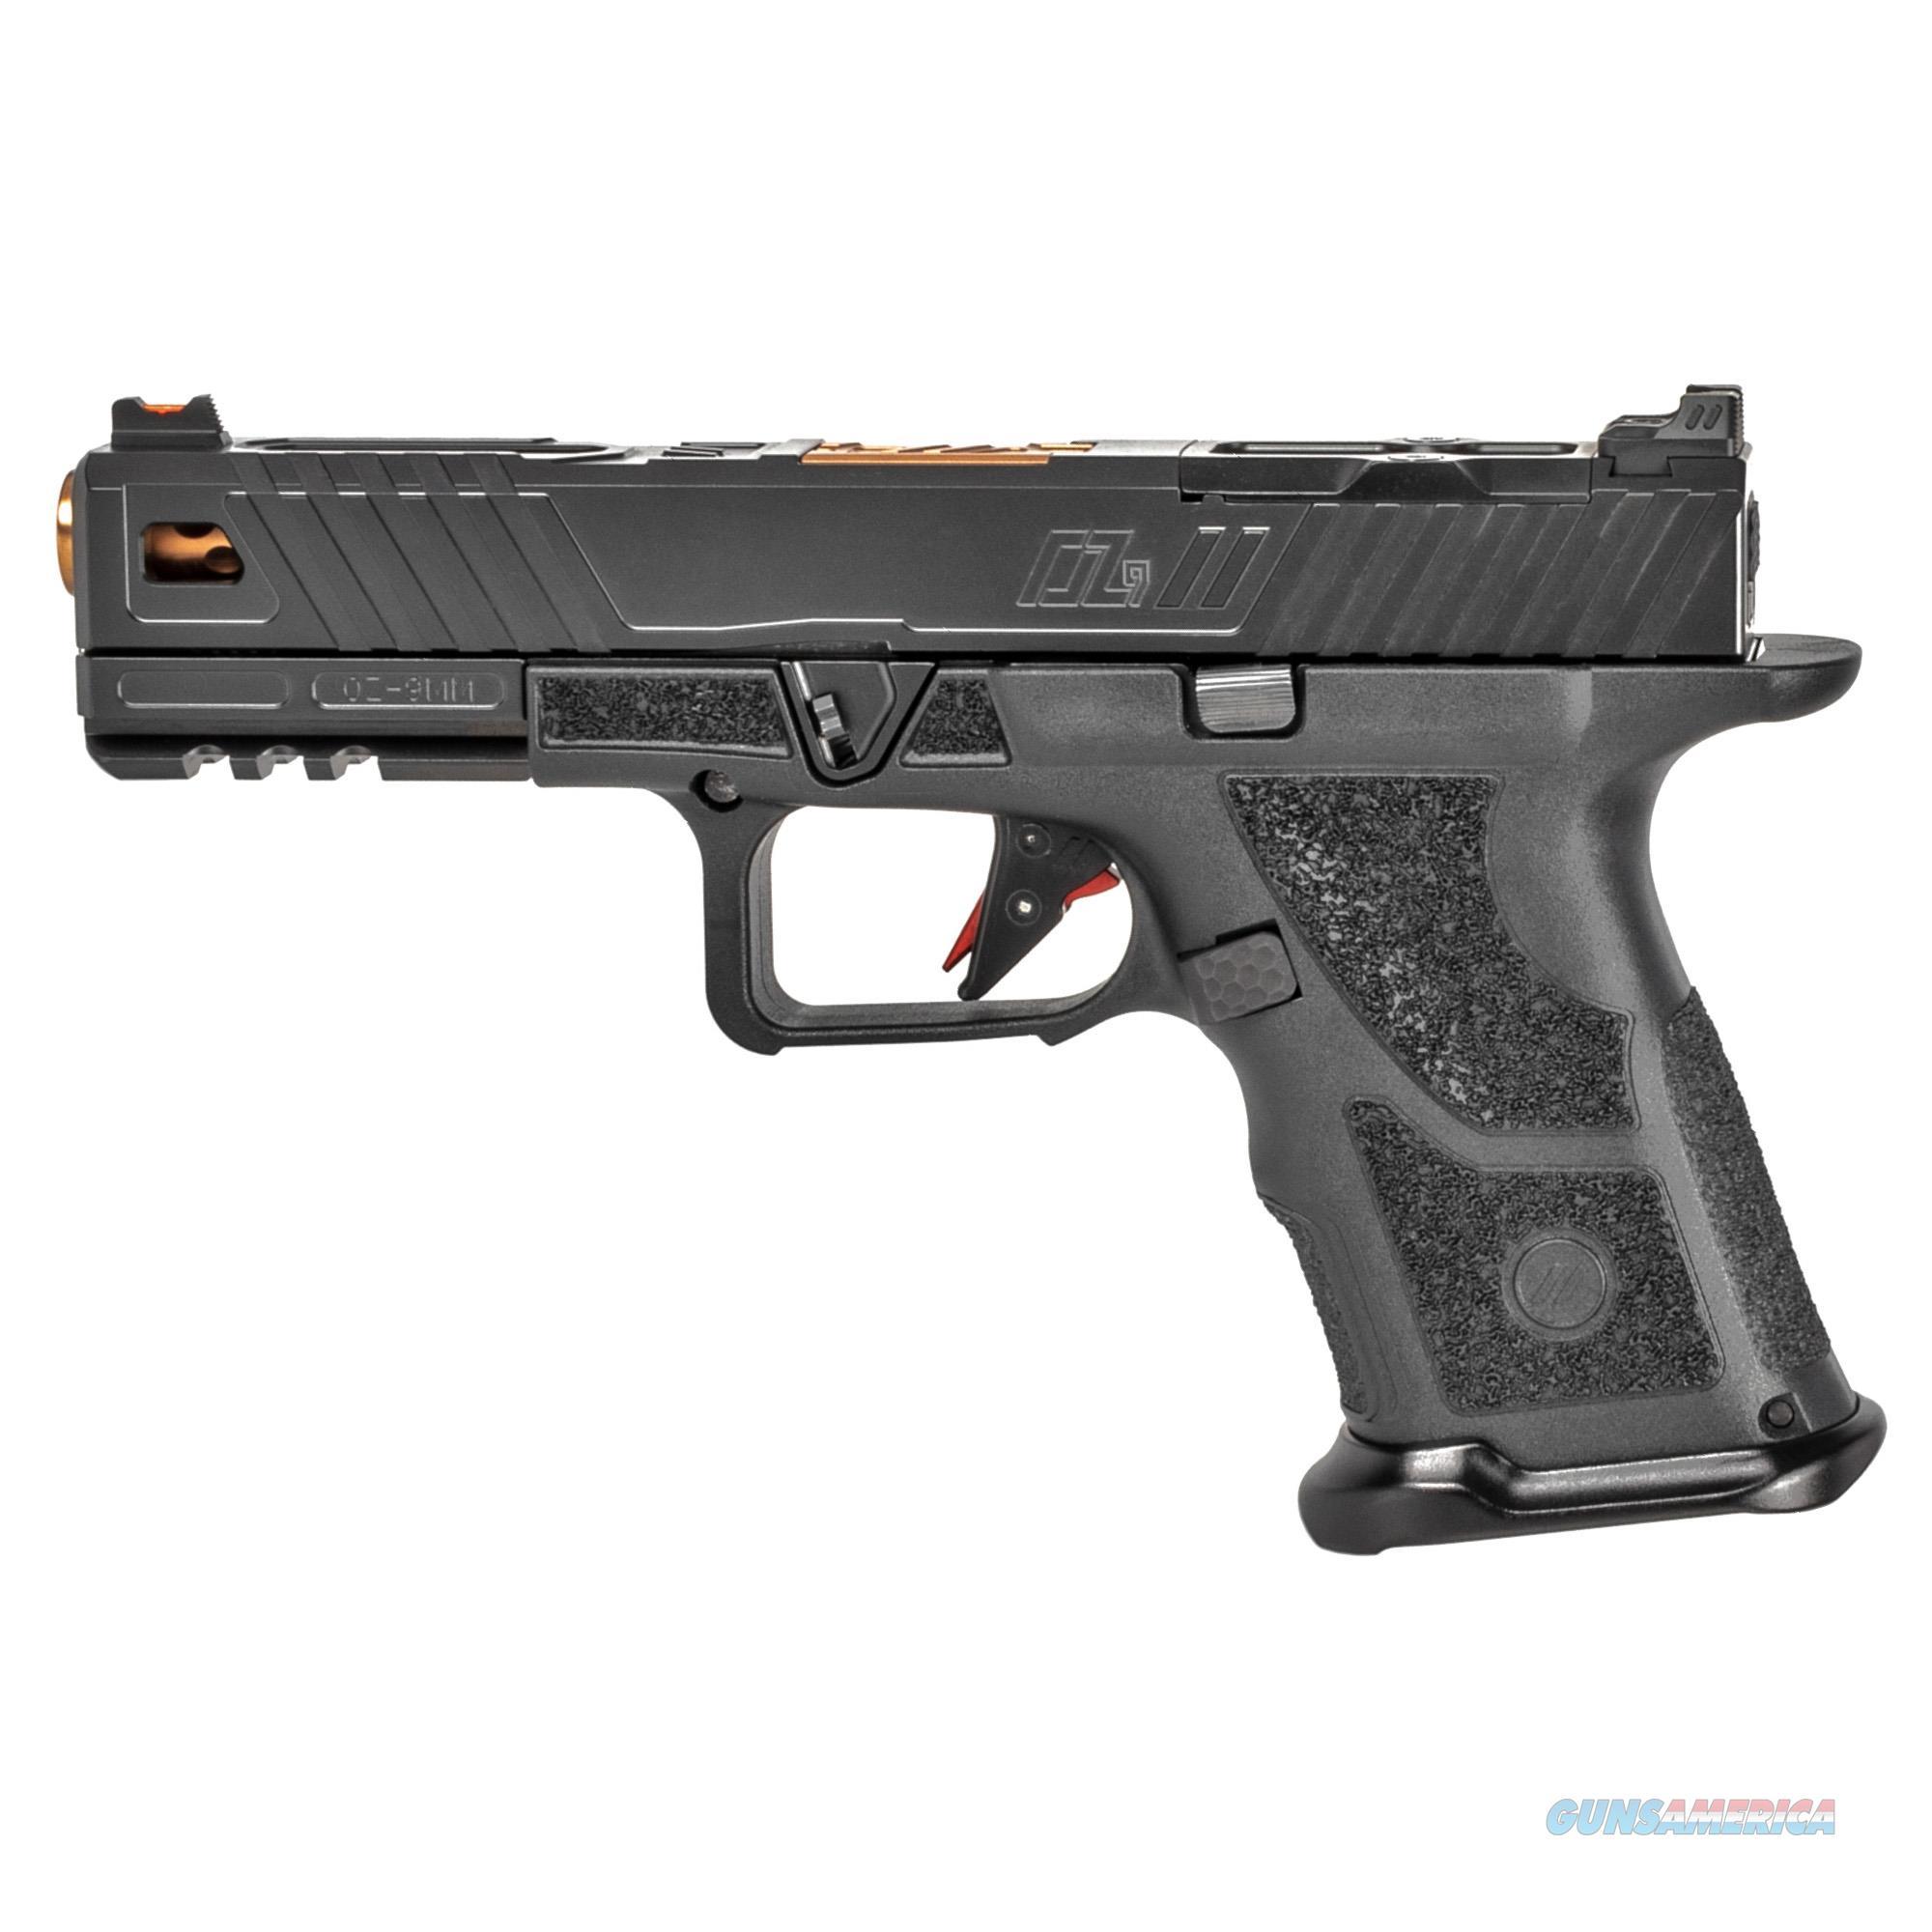 Zev Oz9, Zev Oz9-std-covert-b-brz  Oz9 9mm Covert Brz Brl  Guns > Pistols > 1911 Pistol Copies (non-Colt)